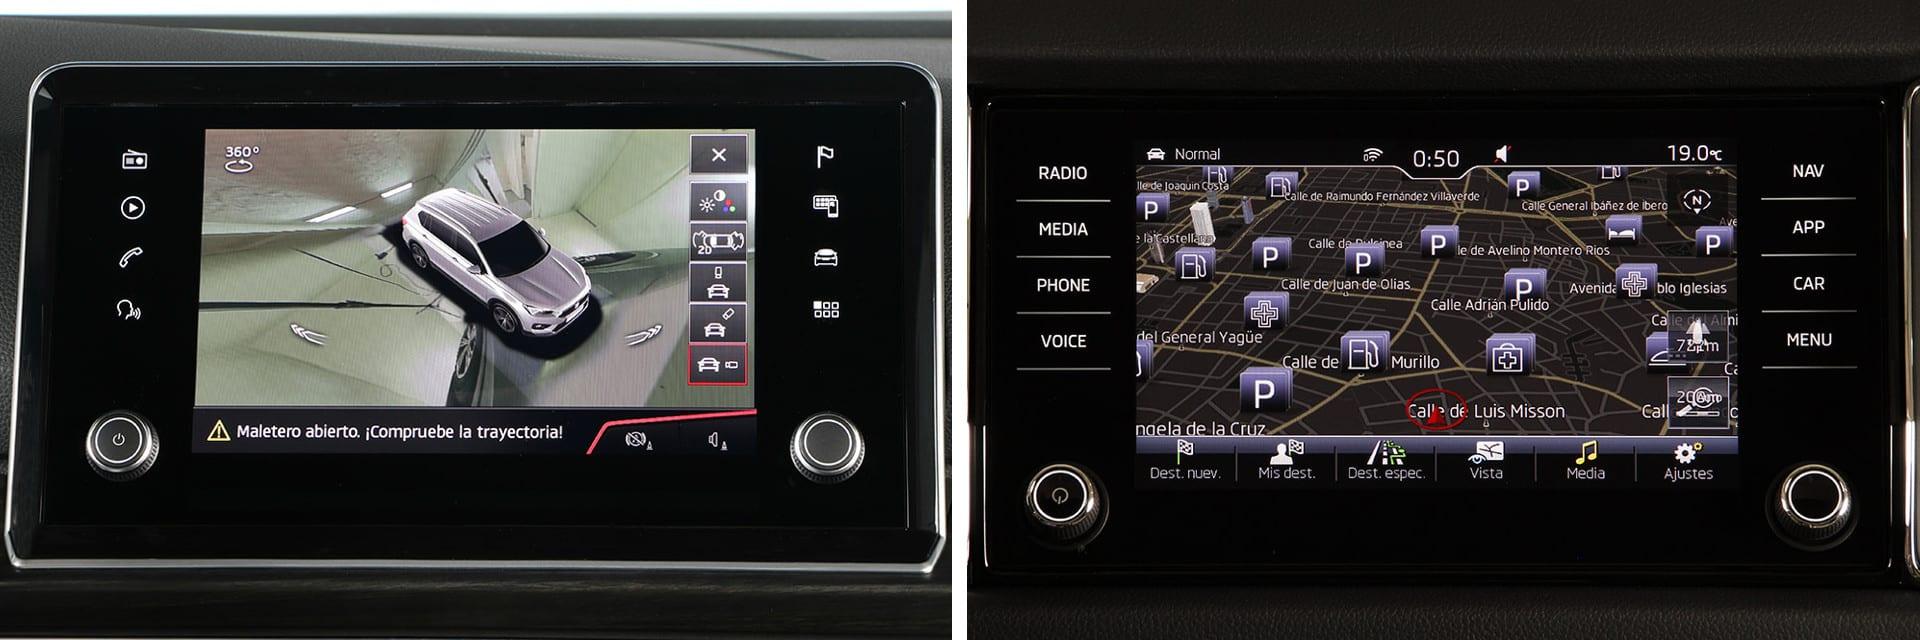 Las pantallas táctiles de ambos modelos están situadas en la consola central y tienen buena visualización. / km77